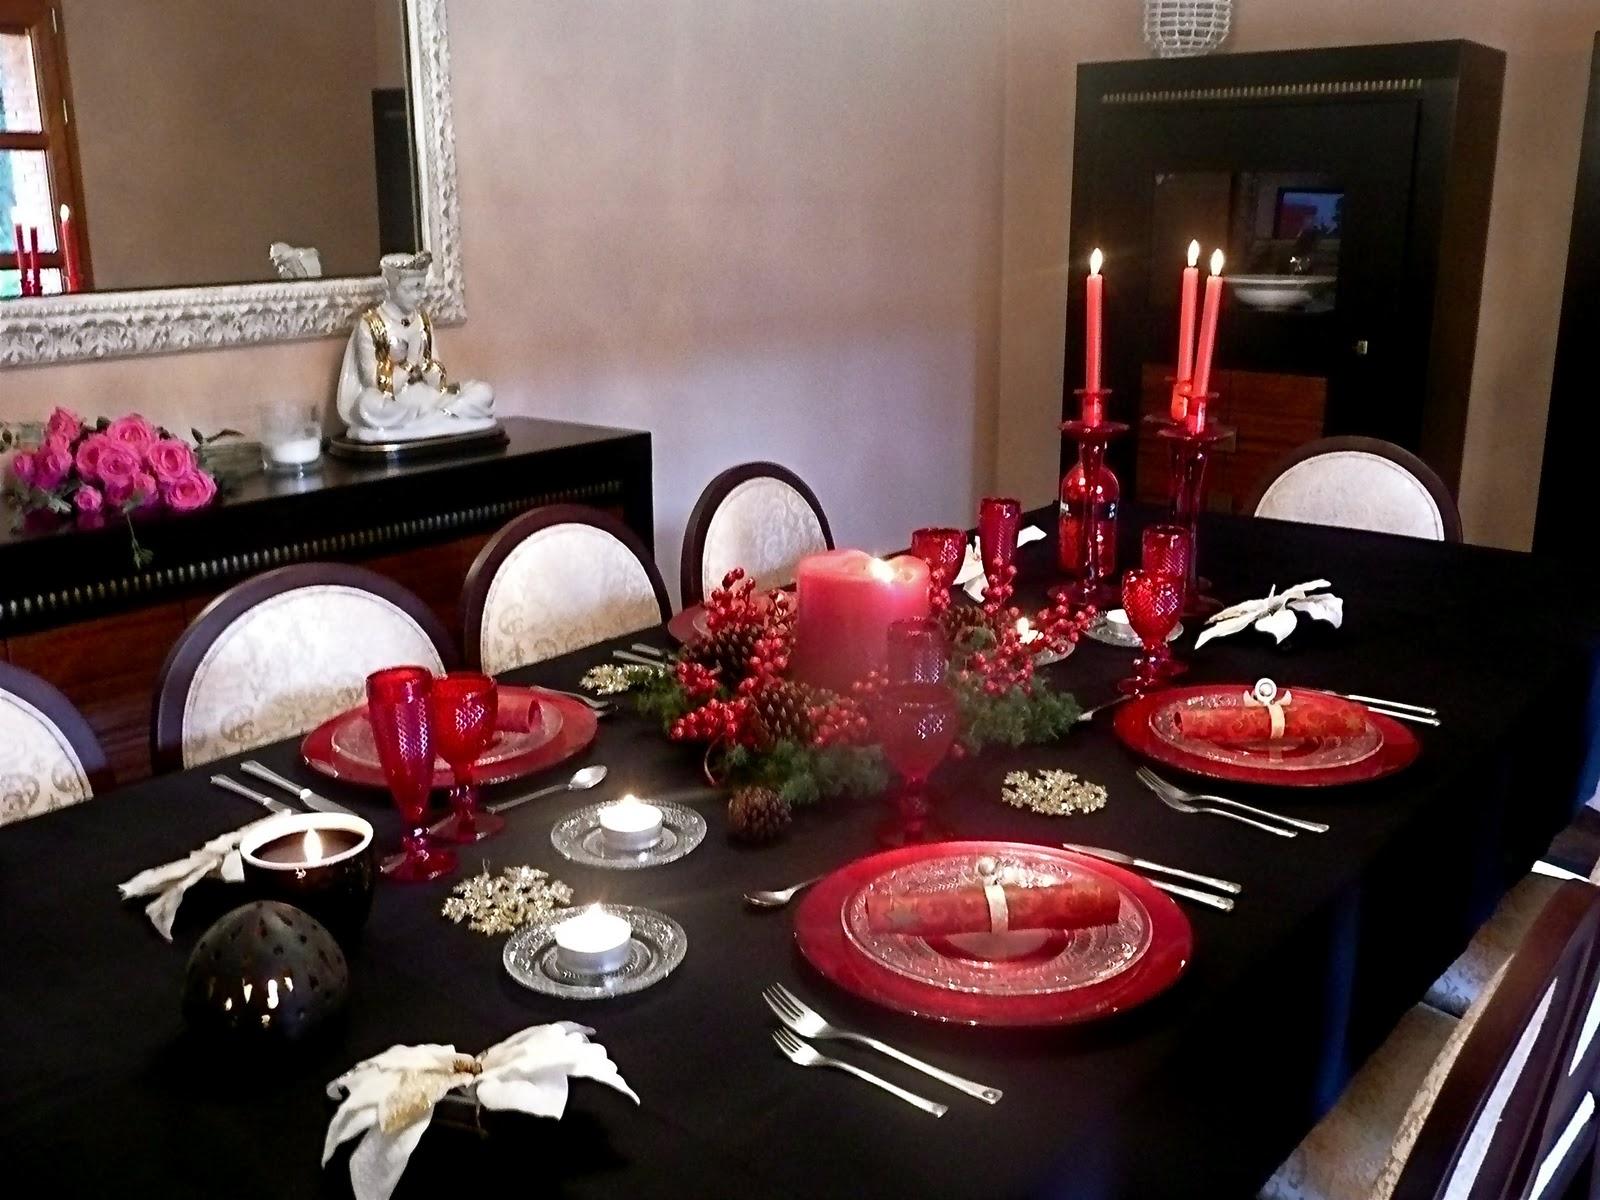 D corandluxe mesa roja por navidad - Adornos navidenos en ingles ...